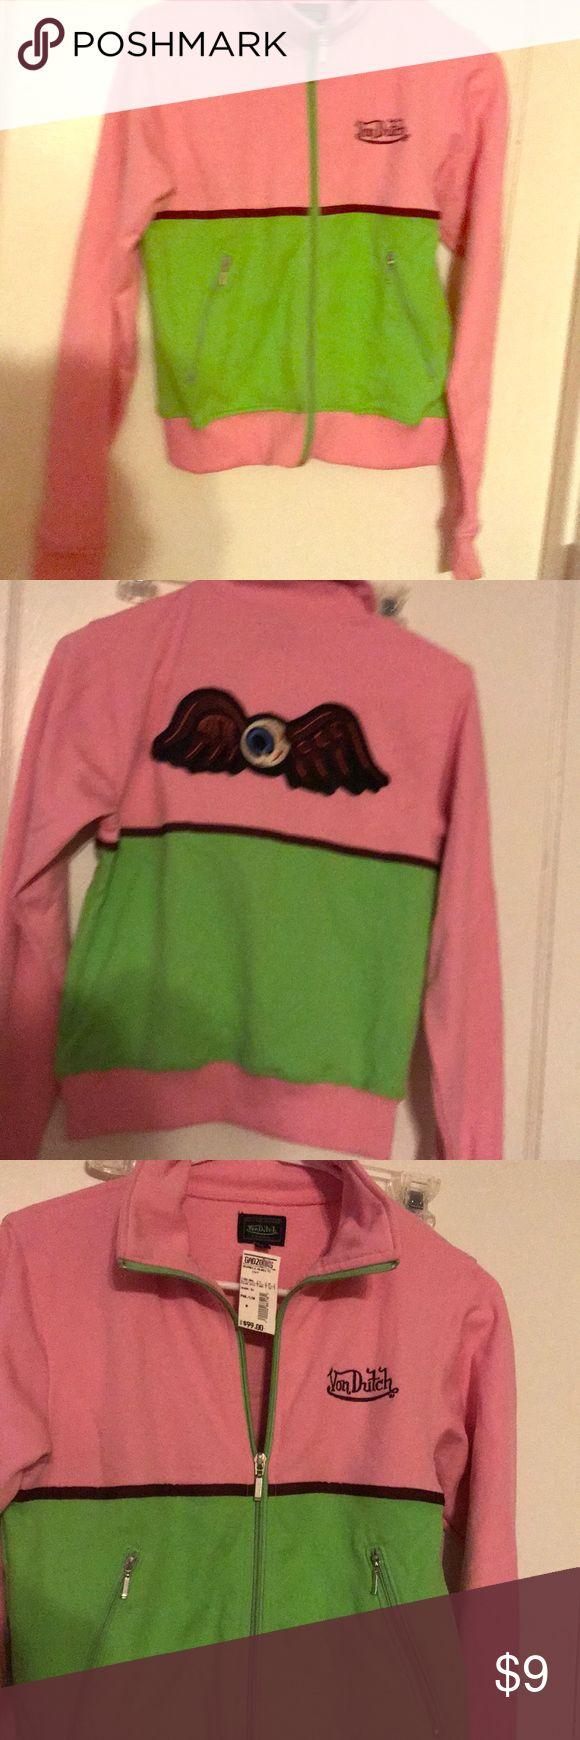 New com Dutch pink green zip up New von Dutch Von Dutch Sweaters Cardigans